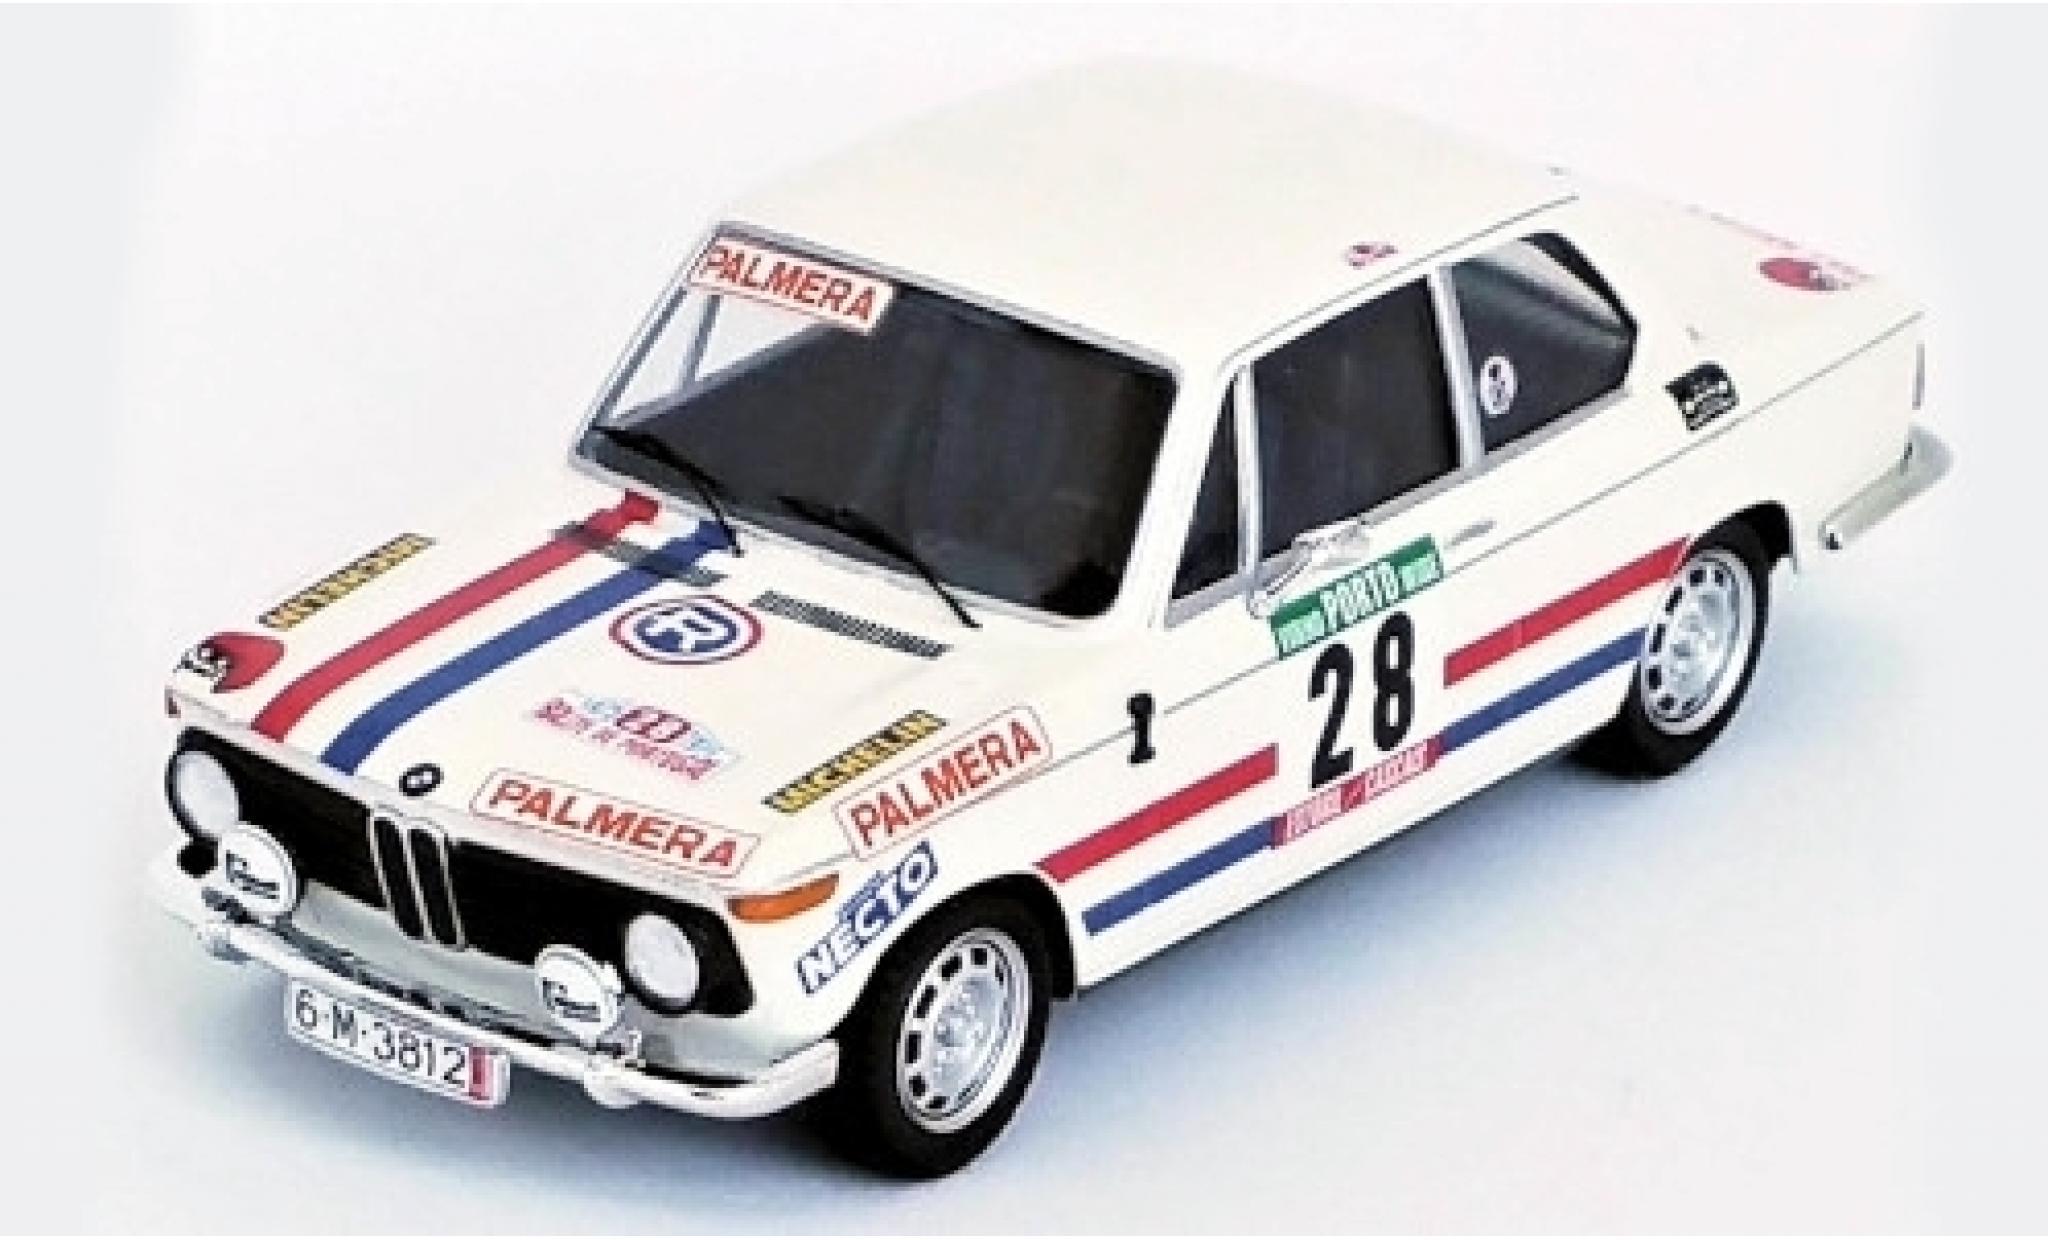 Bmw 2002 1/43 Trofeu Ti No.28 Palmera Rallye WM Rallye Portugal 1975 M.Etchebers/M.-C.Etchebers-Rives